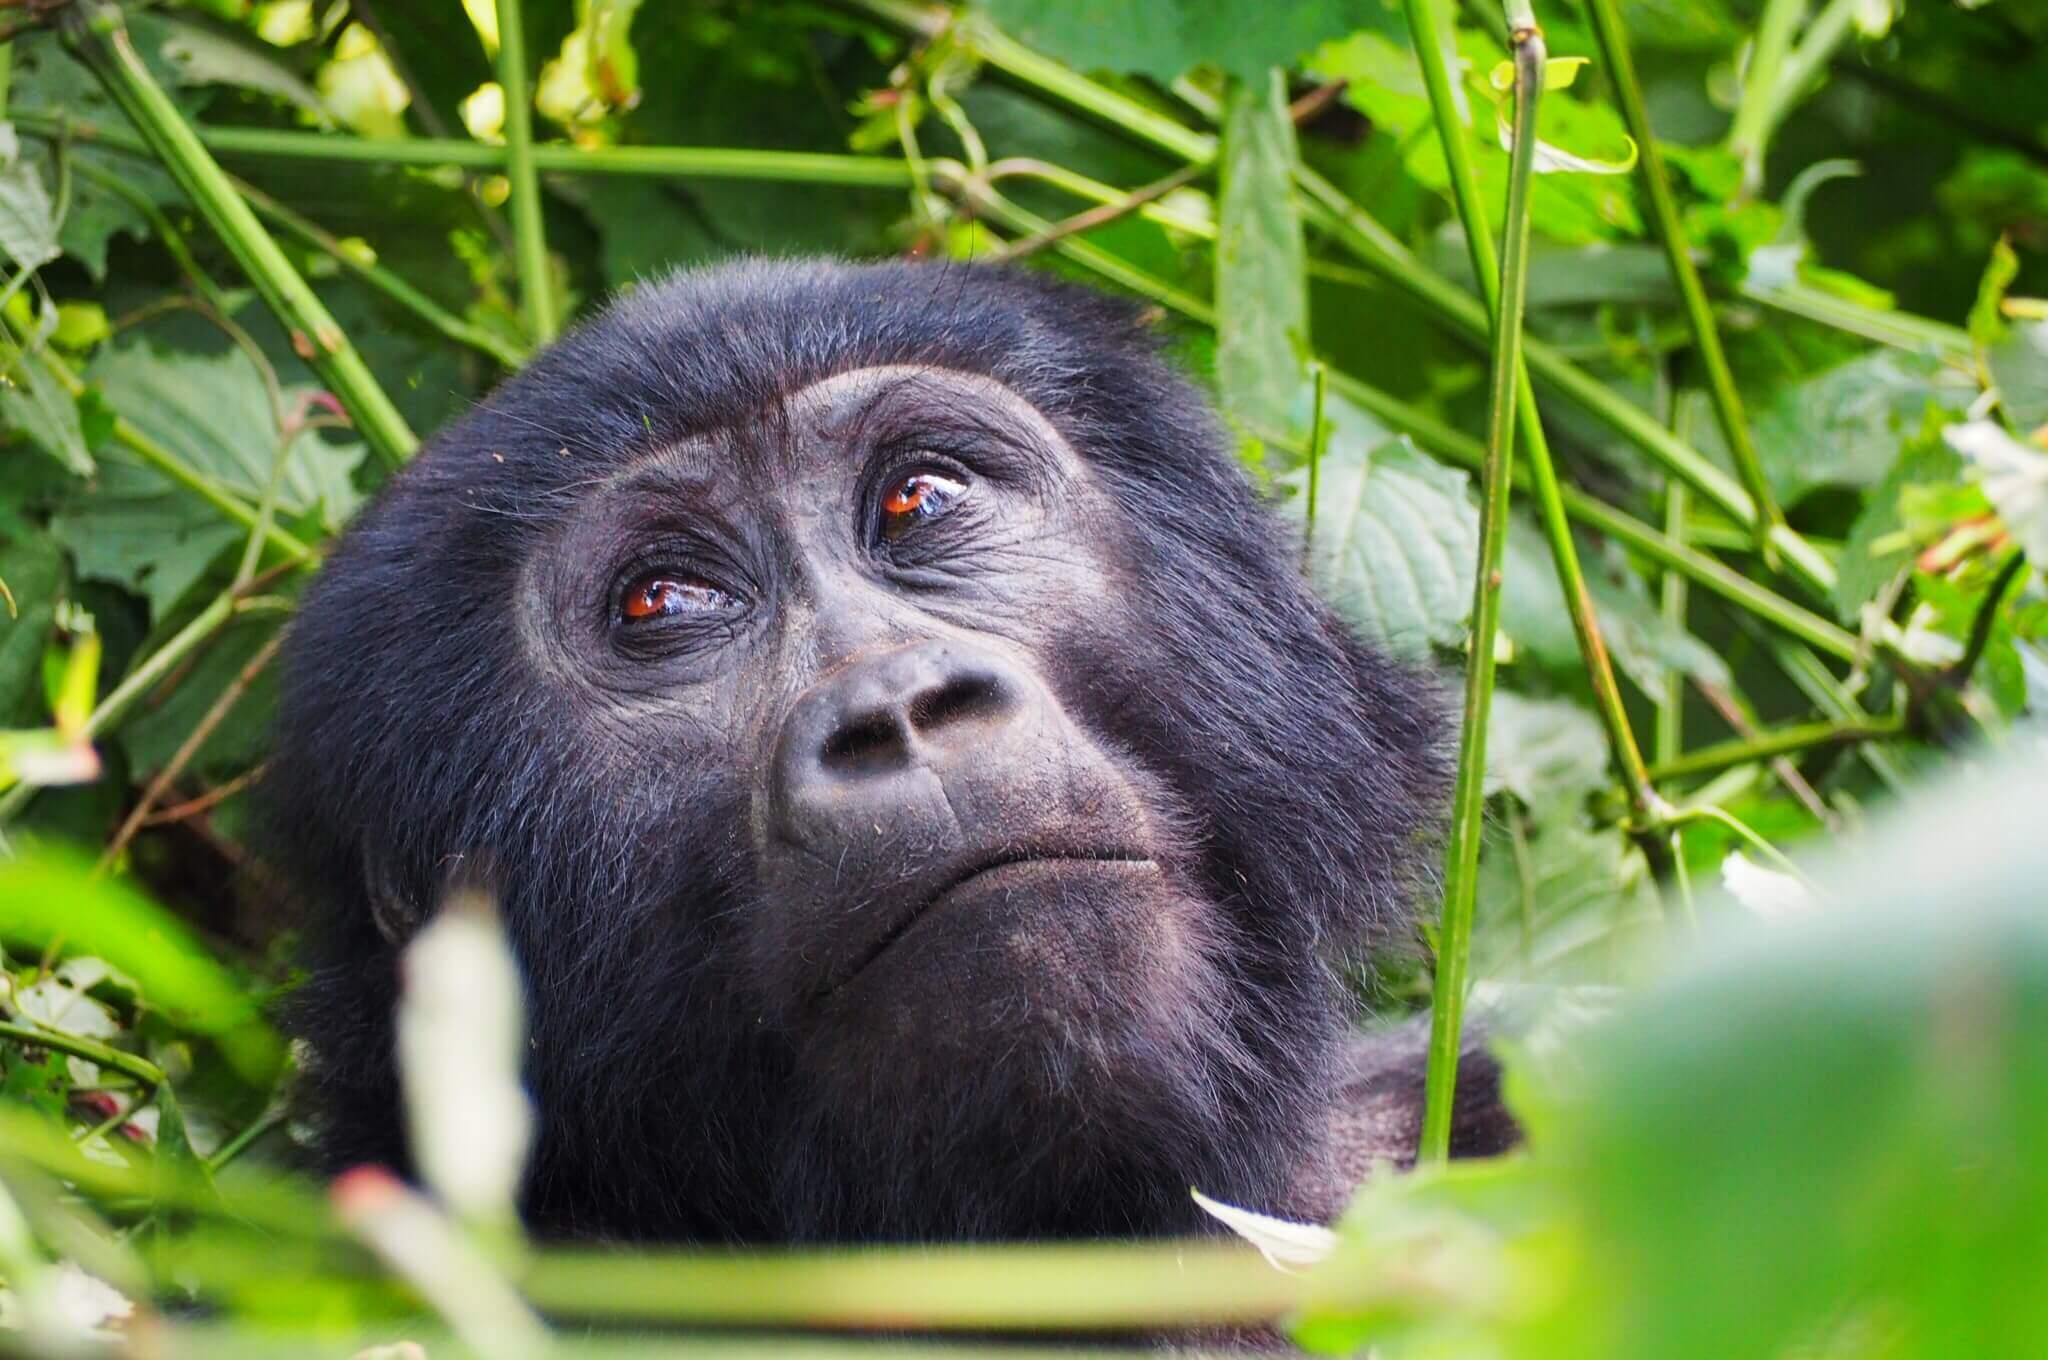 Gorilla trekking in Uganda.